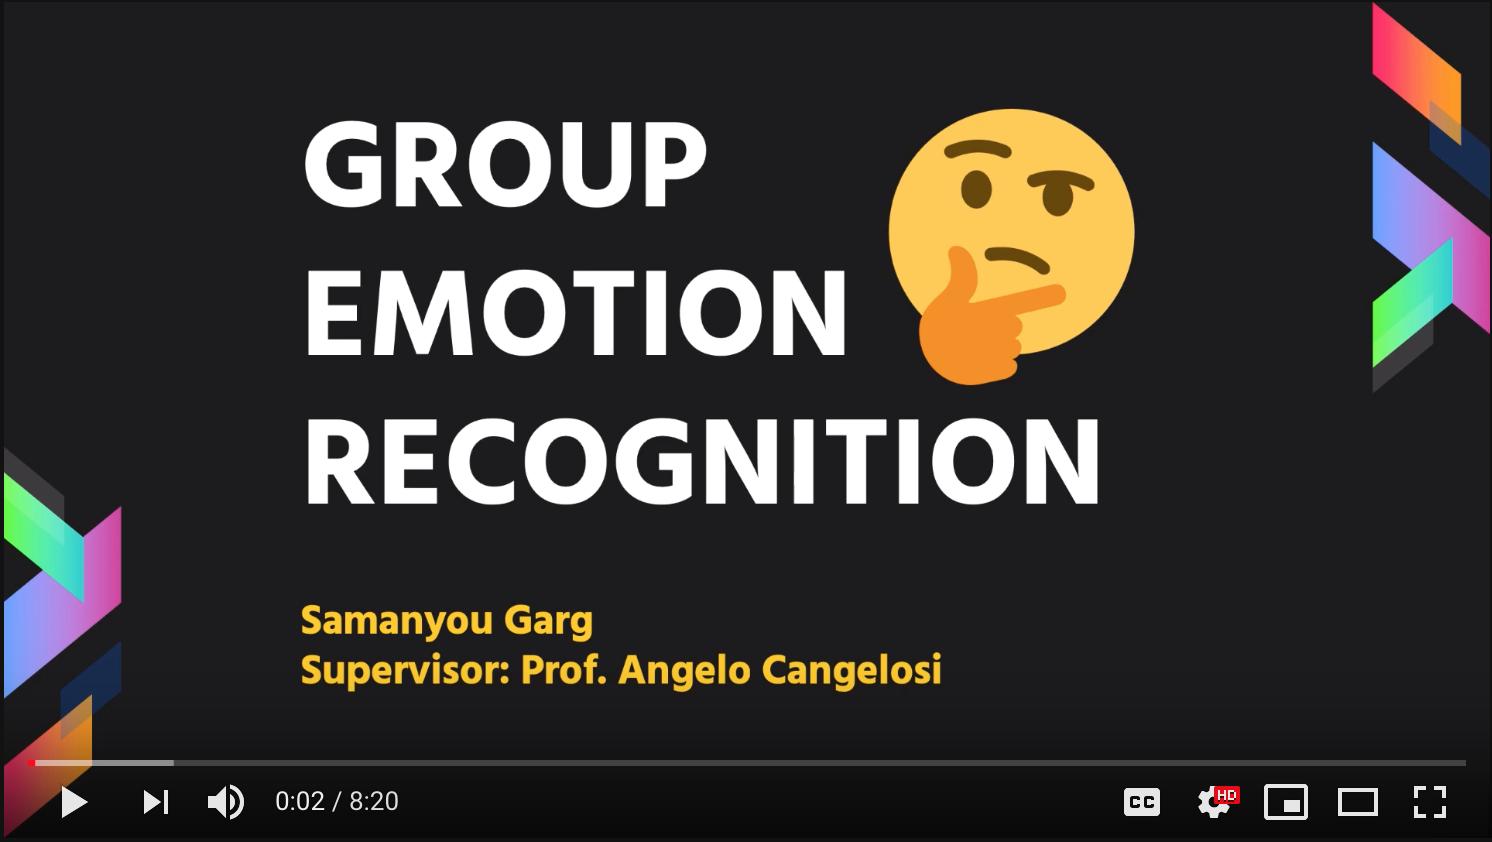 GitHub - samanyougarg/Group-Emotion-Recognition: Group Emotion